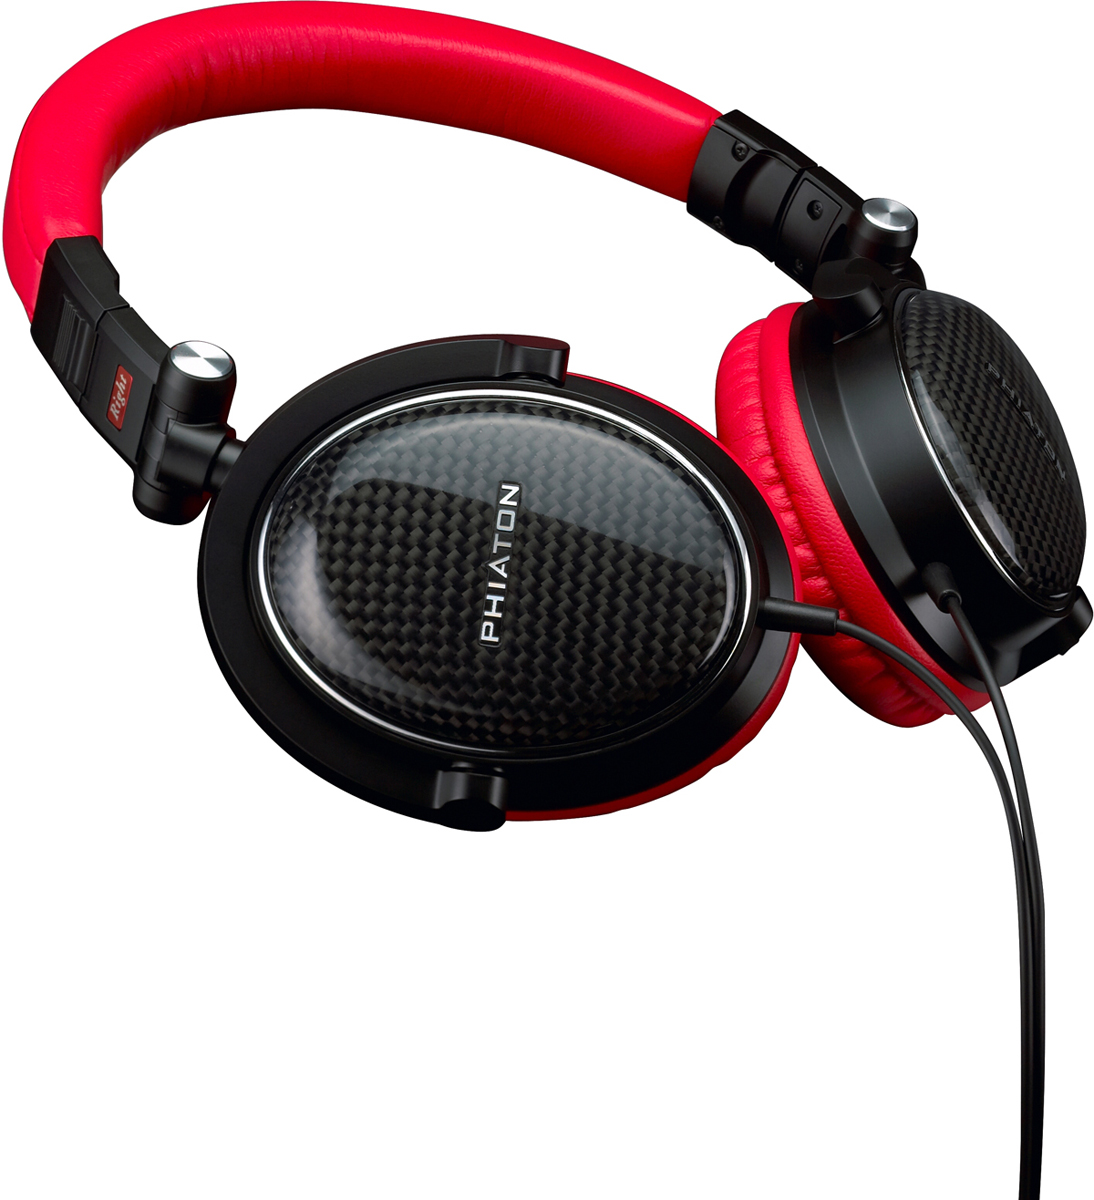 Phiaton MS 400, Red наушникиPPU-HP0400RL02MS400 - это новый класс наушников невероятно смелым дизайном, пышными красными деталями и качеством звука мирового уровня: вы услышите все задуманные нюансы и ноты вашей музыки. У наушников MS 400 мягкие подушечки из шелковистой кожи, которые позволят вам носить их долгое время без «усталости слуха». Вы будете окутаны великолепным звуком: мягкие подушечки обеспечивают отличную звукоизоляцию. Уникальная закрытая конструкция наушников гарантирует превосходное качество звука. Как у всех наушников Phiaton, у модели MS 400 съёмные подушечки, которые можно поменять в случае потери или повреждения. Наушники MS 400 очень прочные и ультралёгкие, конструкция из графитового волокна, которое использует во многих автомобилях класса «Люкс», часах и других изделиях) крайне долговечна и при этом выглядит привлекательно и современно. Динамики : Studio Grade 40 ммСопротивление: 32 Ом Диапазон частот: 15 Гц ~ 22,000 Гц Чувствительность: 98 дБ Макс. Мощность: 1000 мВт Длина кабеля: 1.2 м Вес: 185г